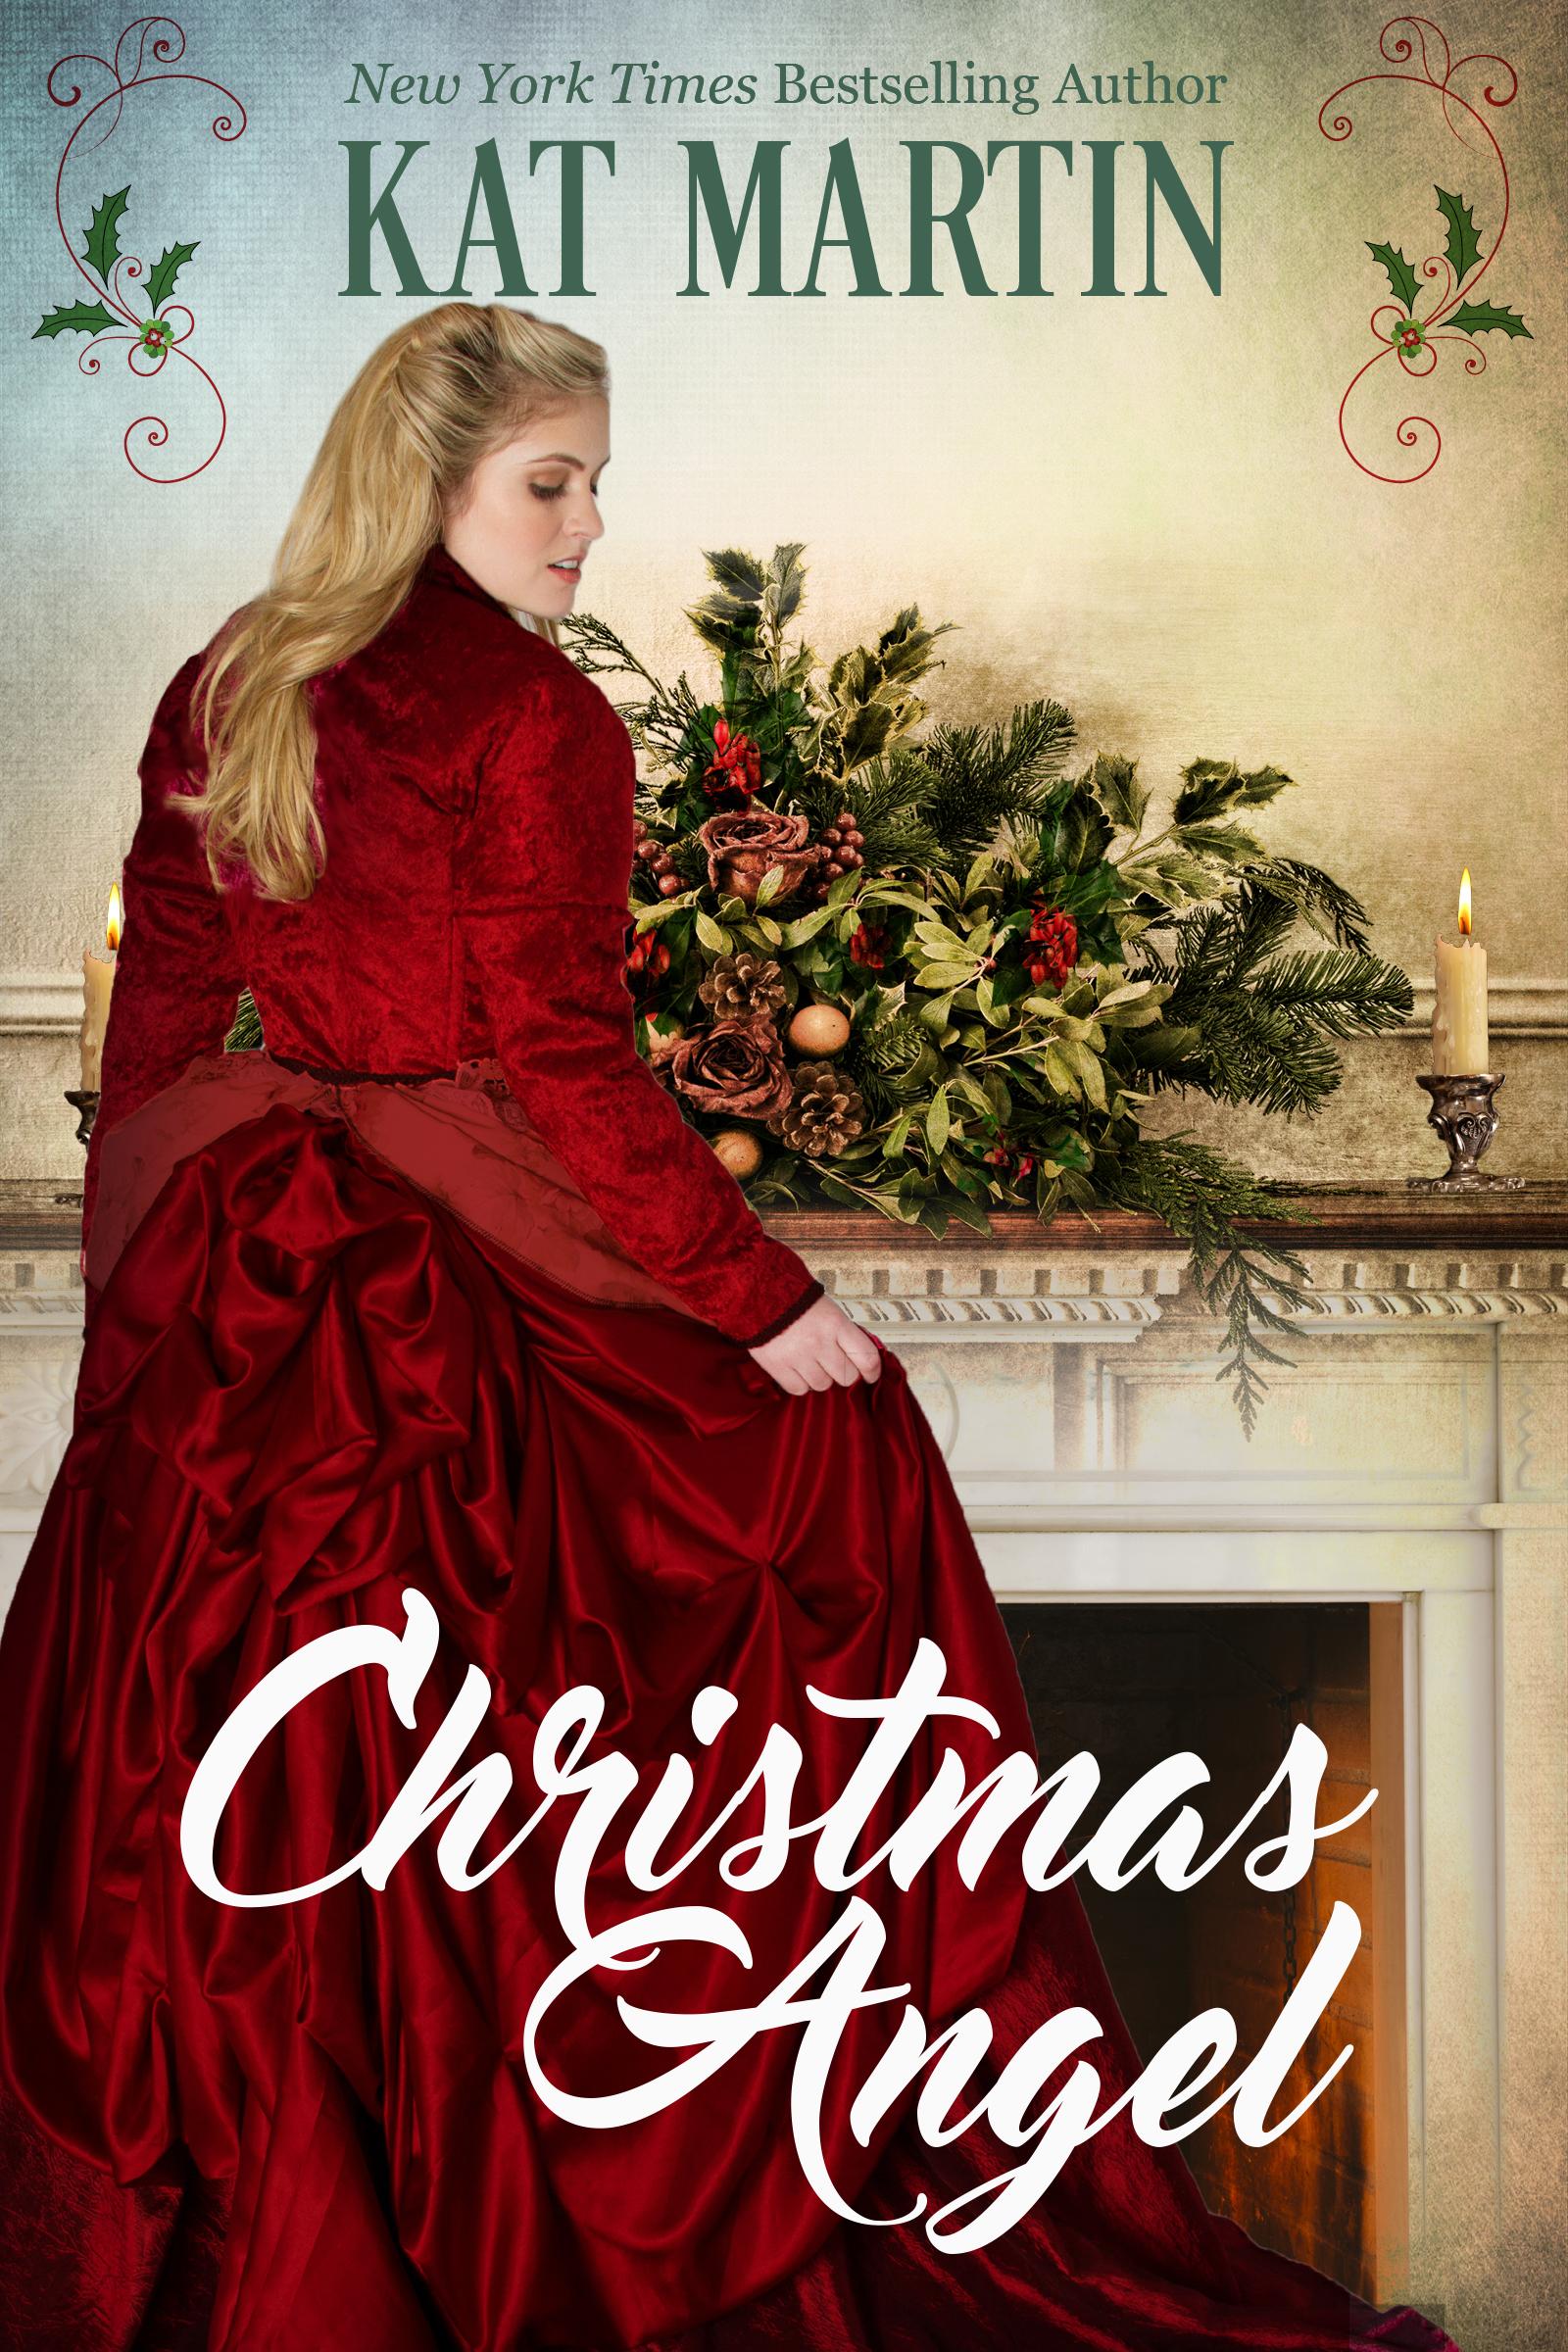 Christmas angel cover image